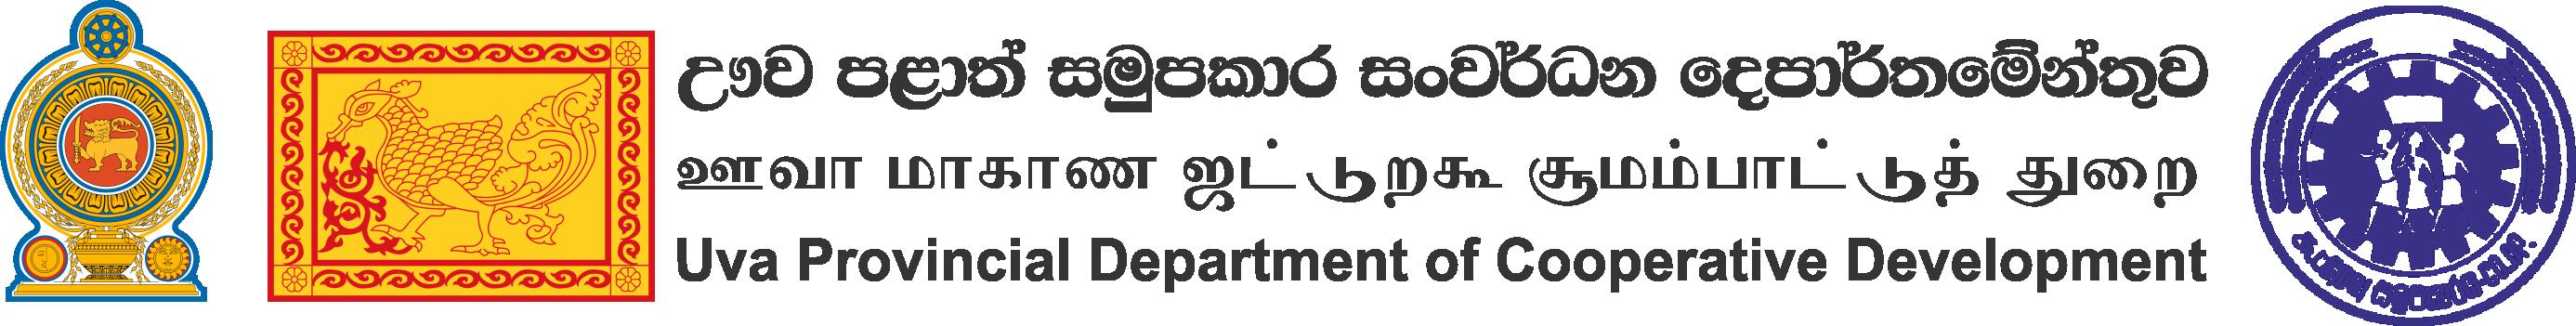 Uva Provincial Department of Cooperative Development